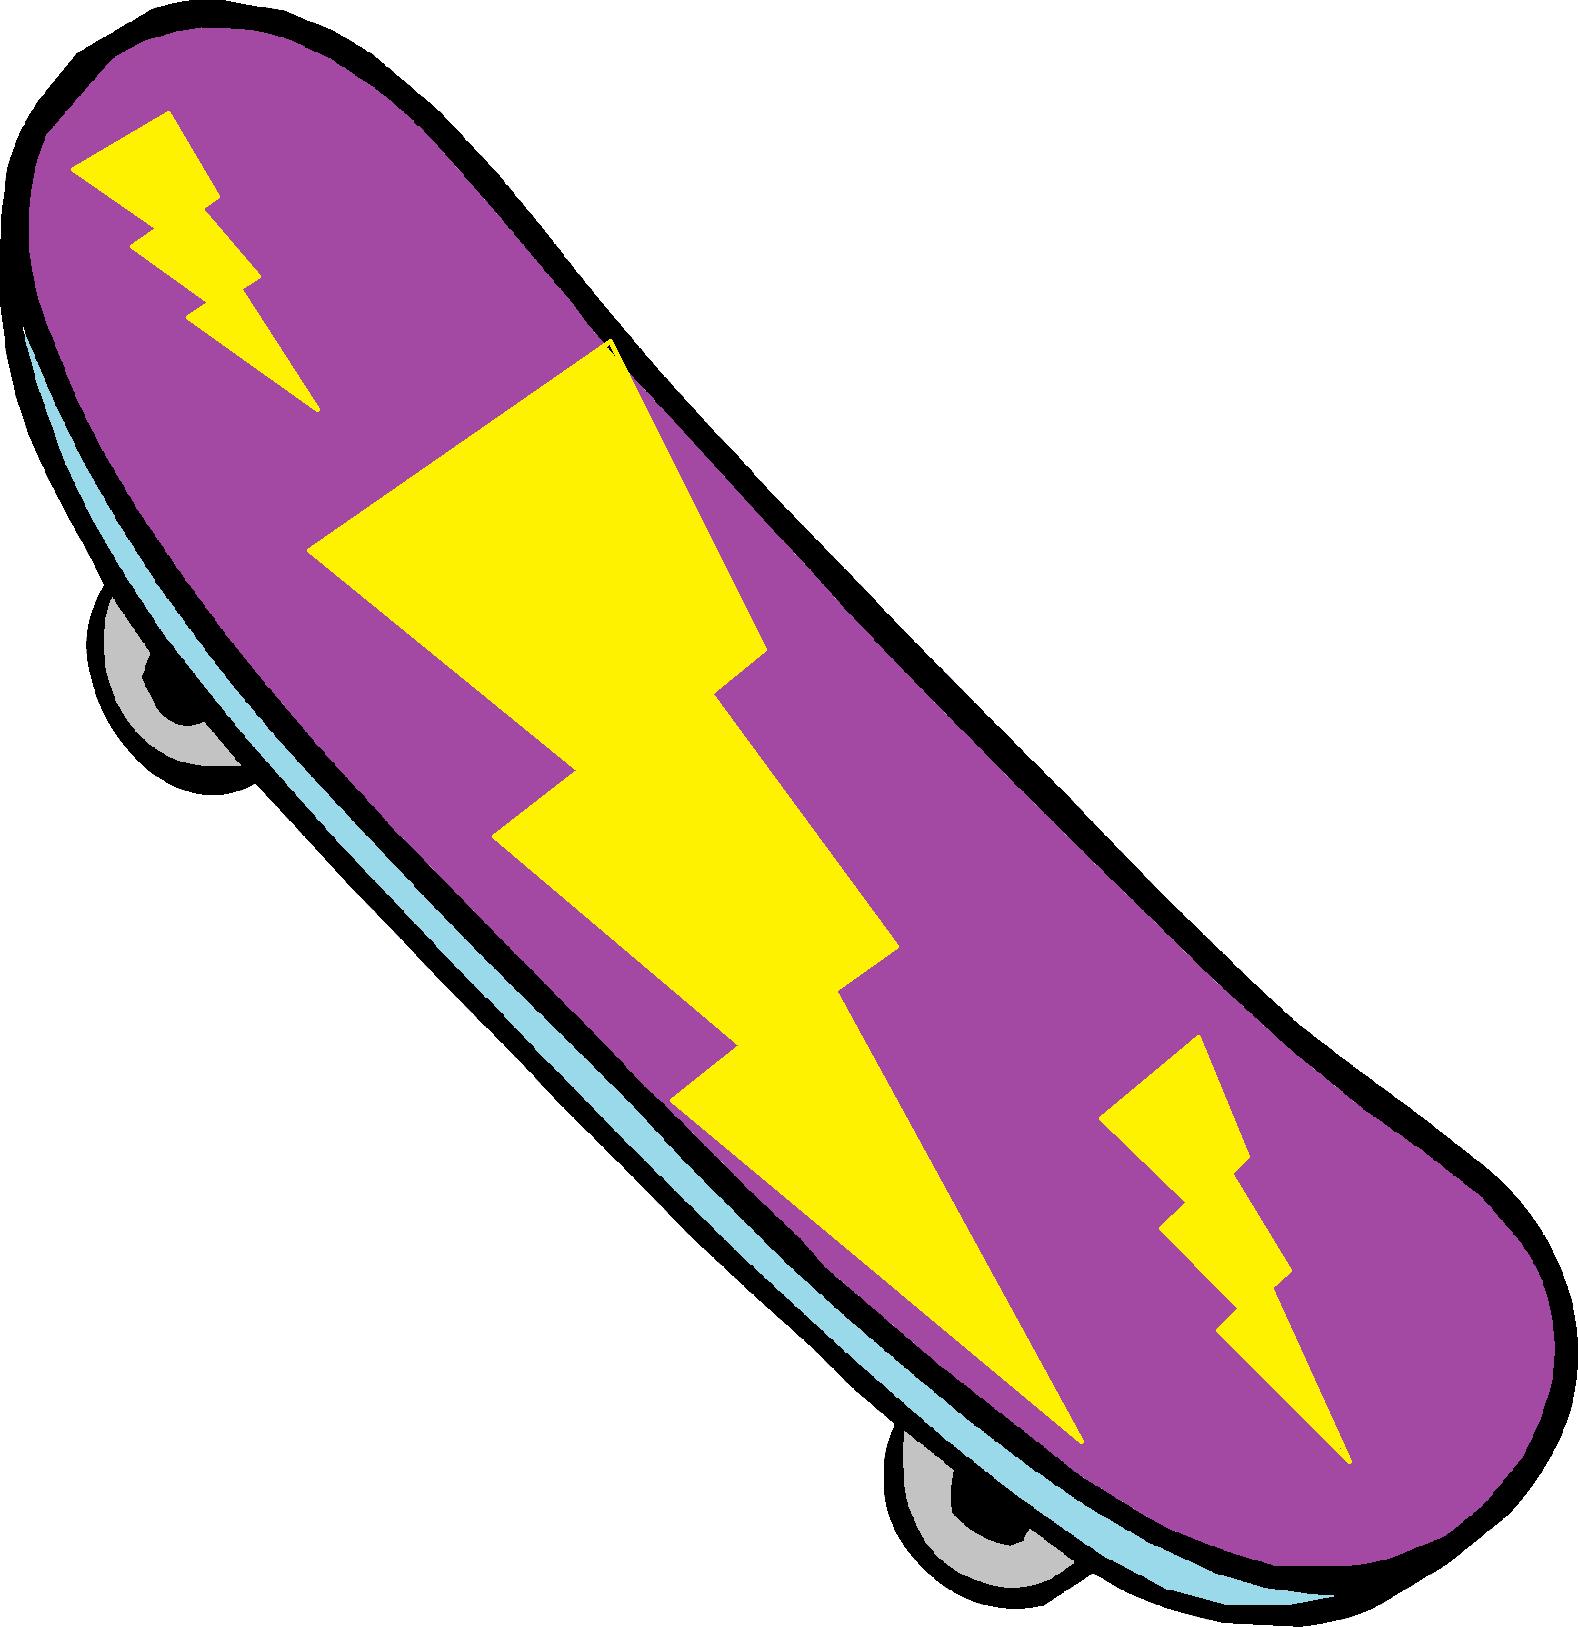 1578x1627 Skateboard Png Images Transparent Free Download